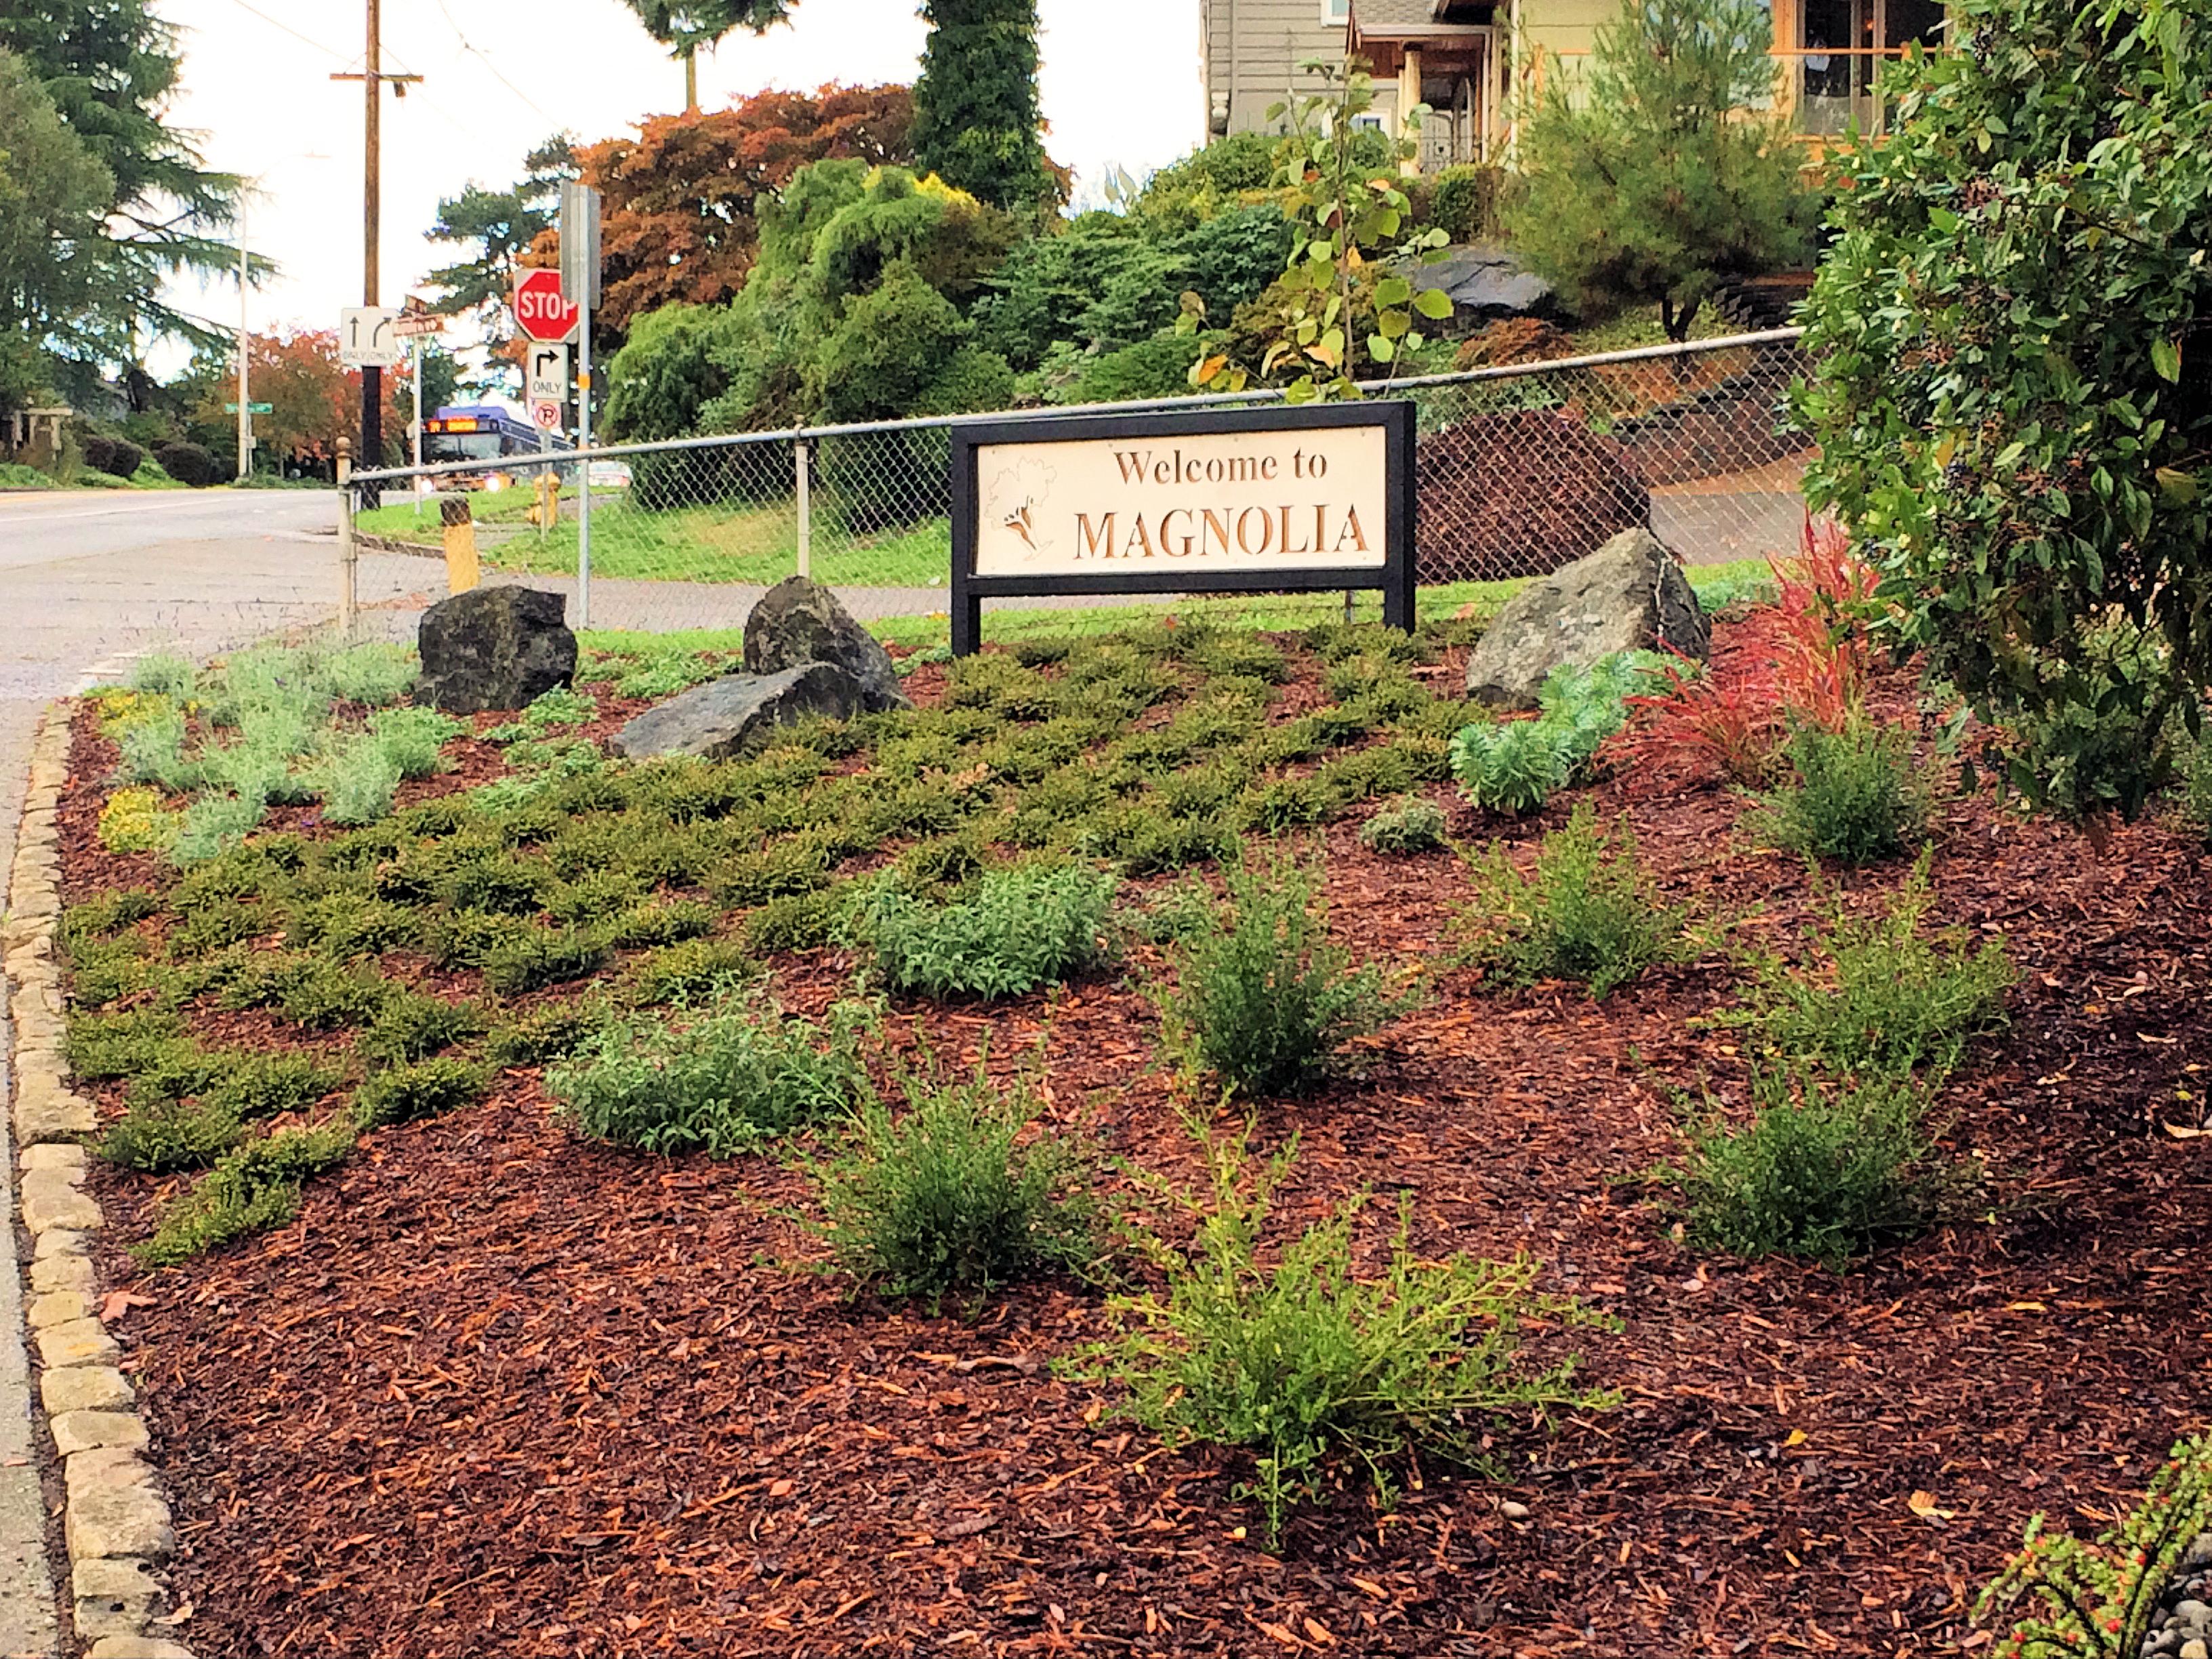 Magnoliagarden.com Magnolia Garden Center | Seattle, WA Gifts and ...